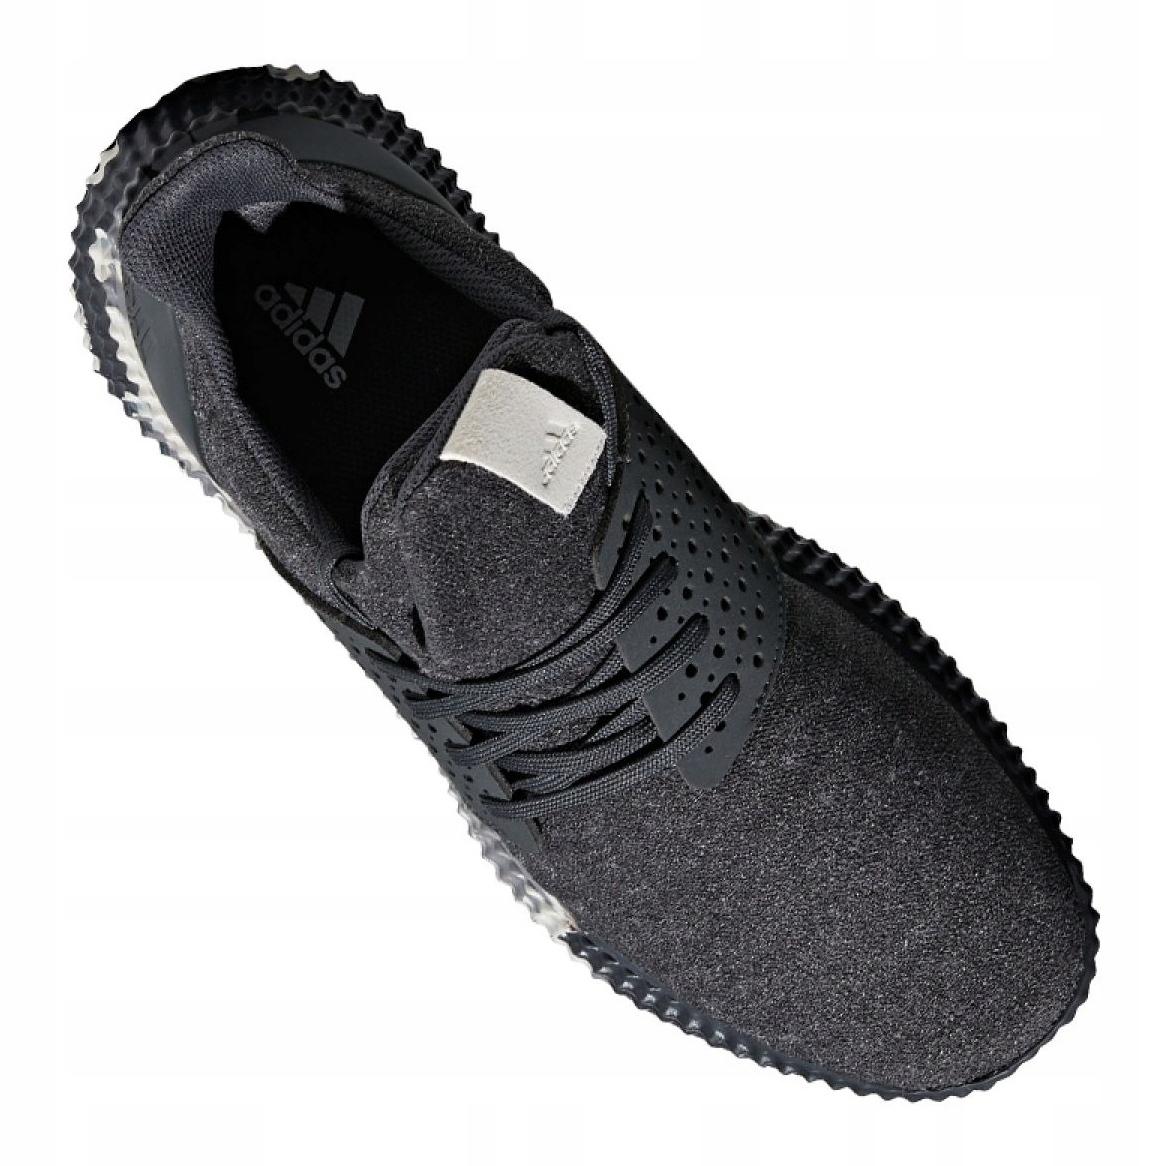 M Tr Athletics 247 Grau Schuhe Adidas Bd7228 mNOvn0w8